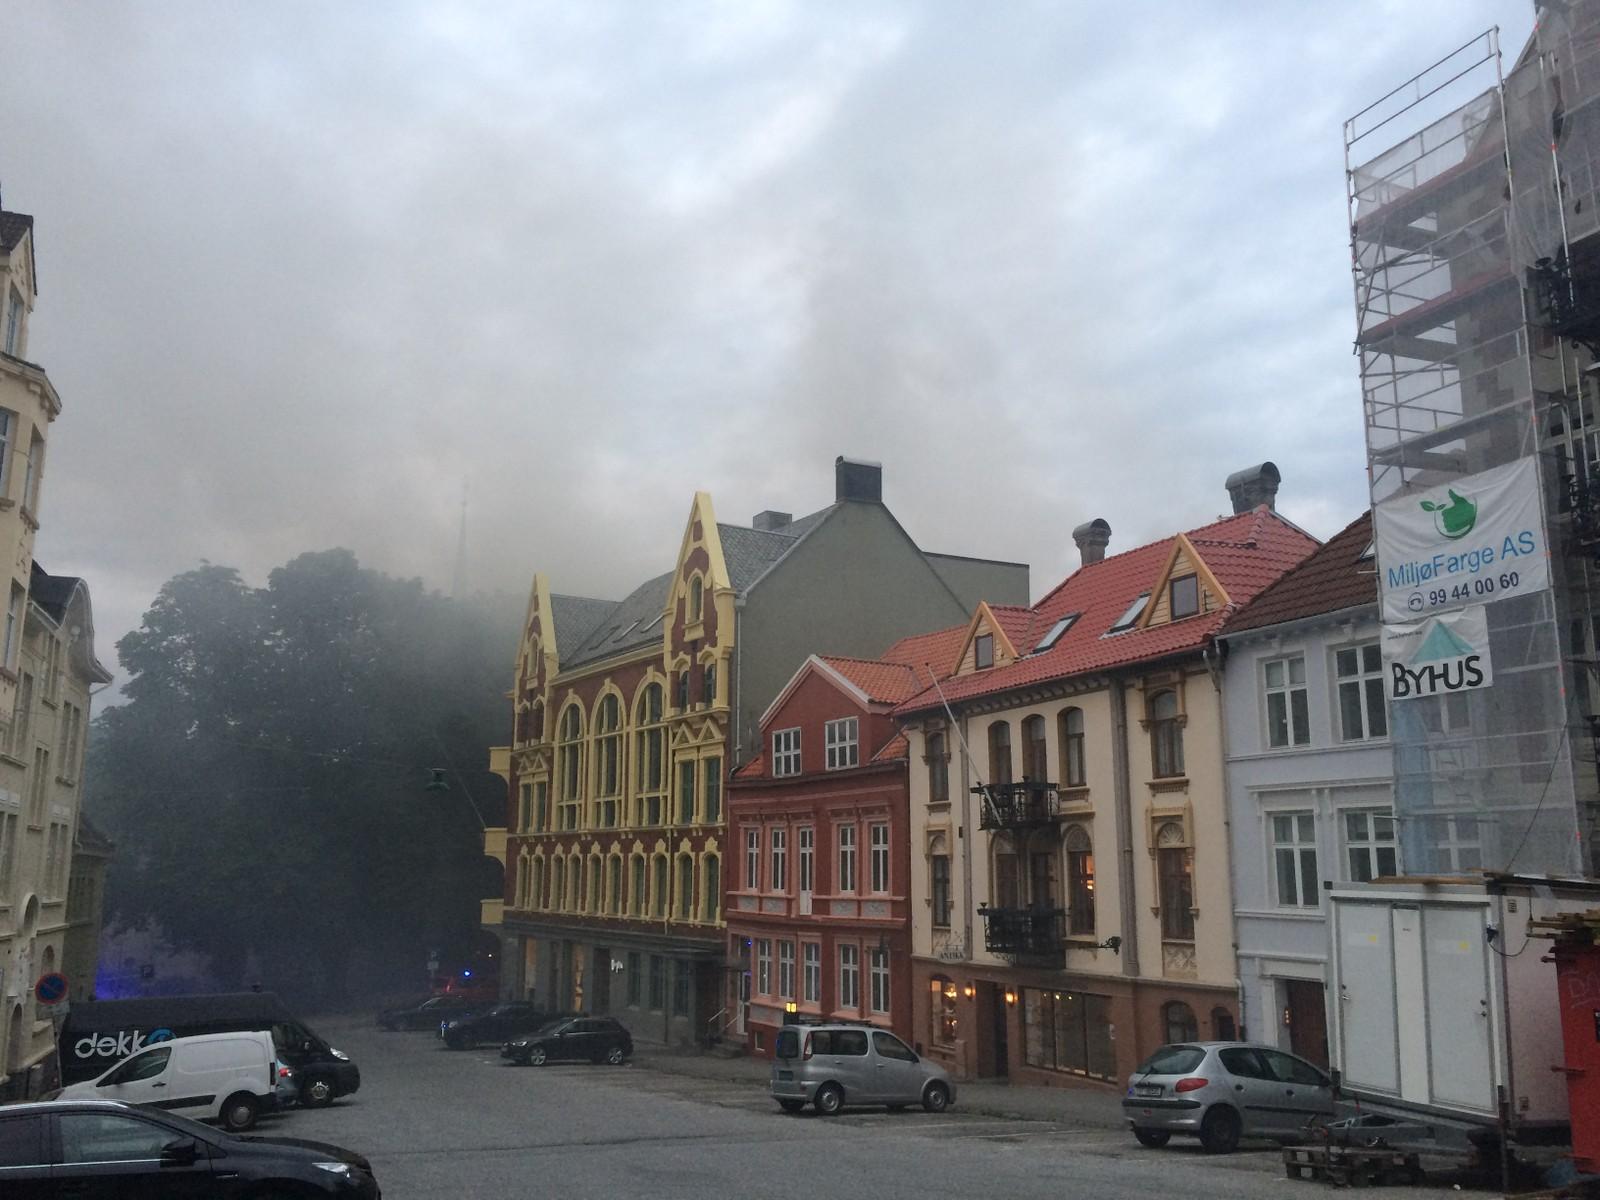 Husene står tett i området, og det er stor fare for spredning av brannen.